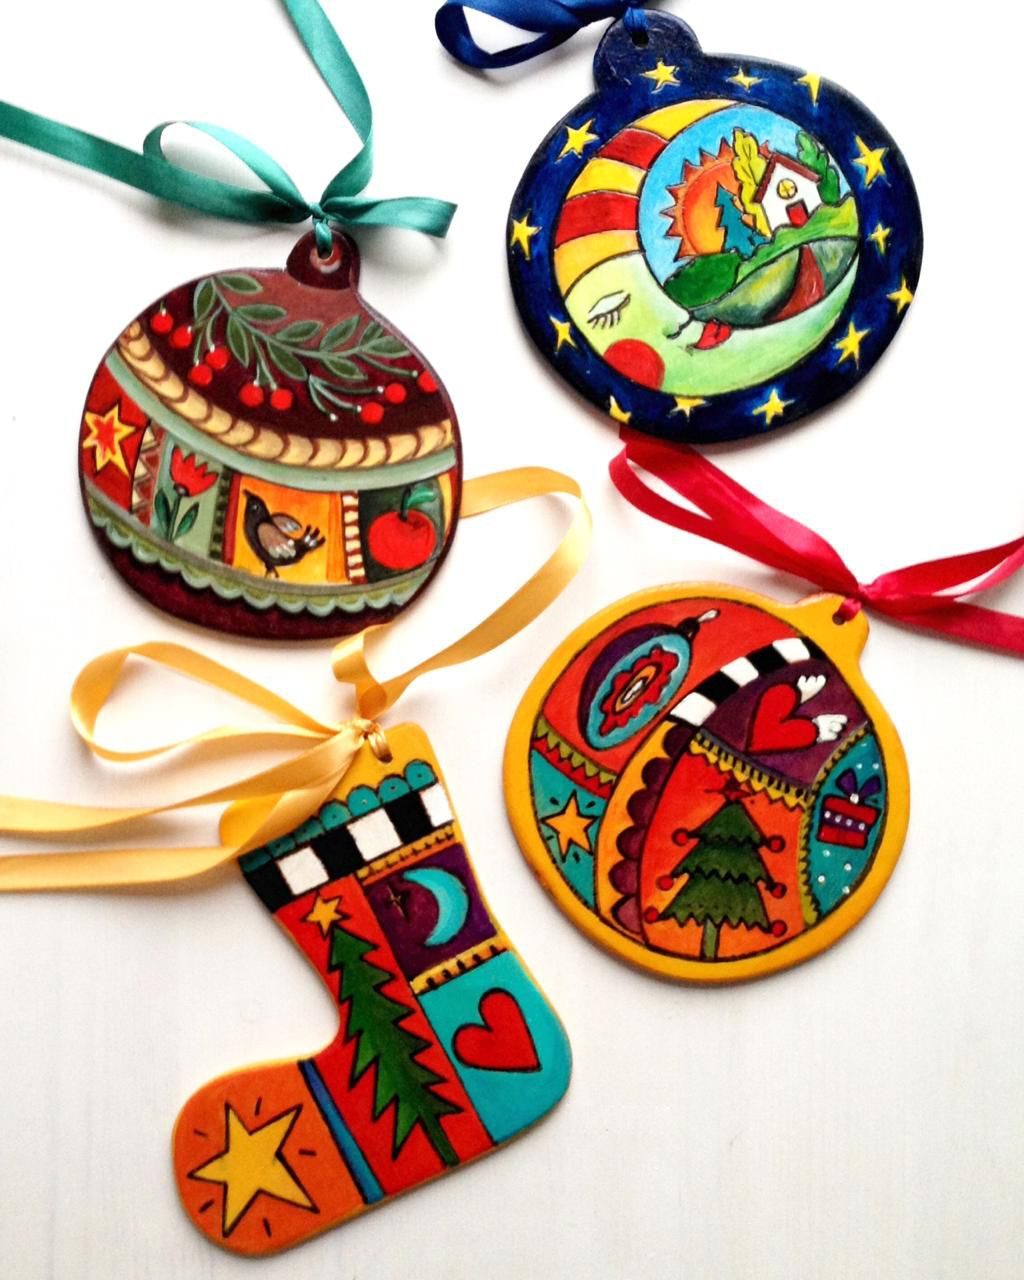 елочныеигрушки декордлядома новыйгод подарки